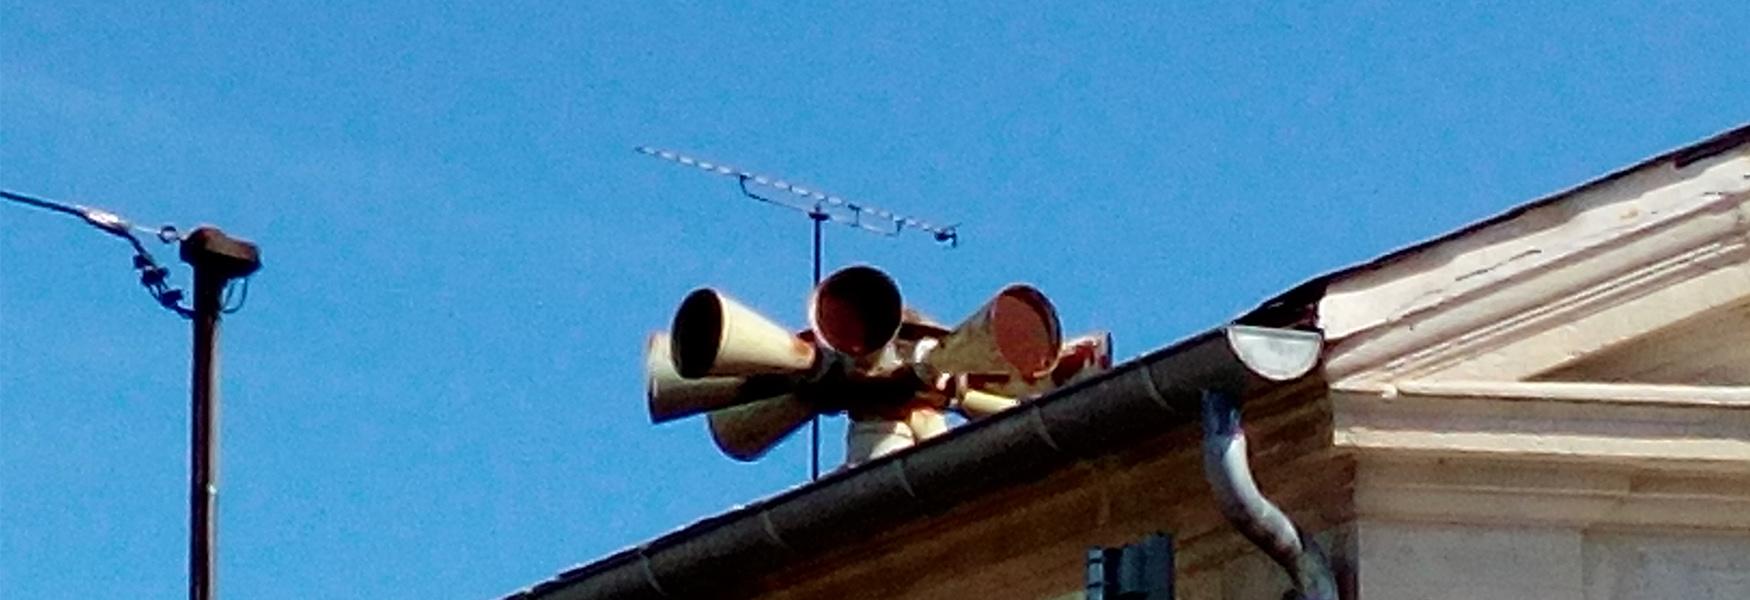 Déclenchement des sirènes SIAP